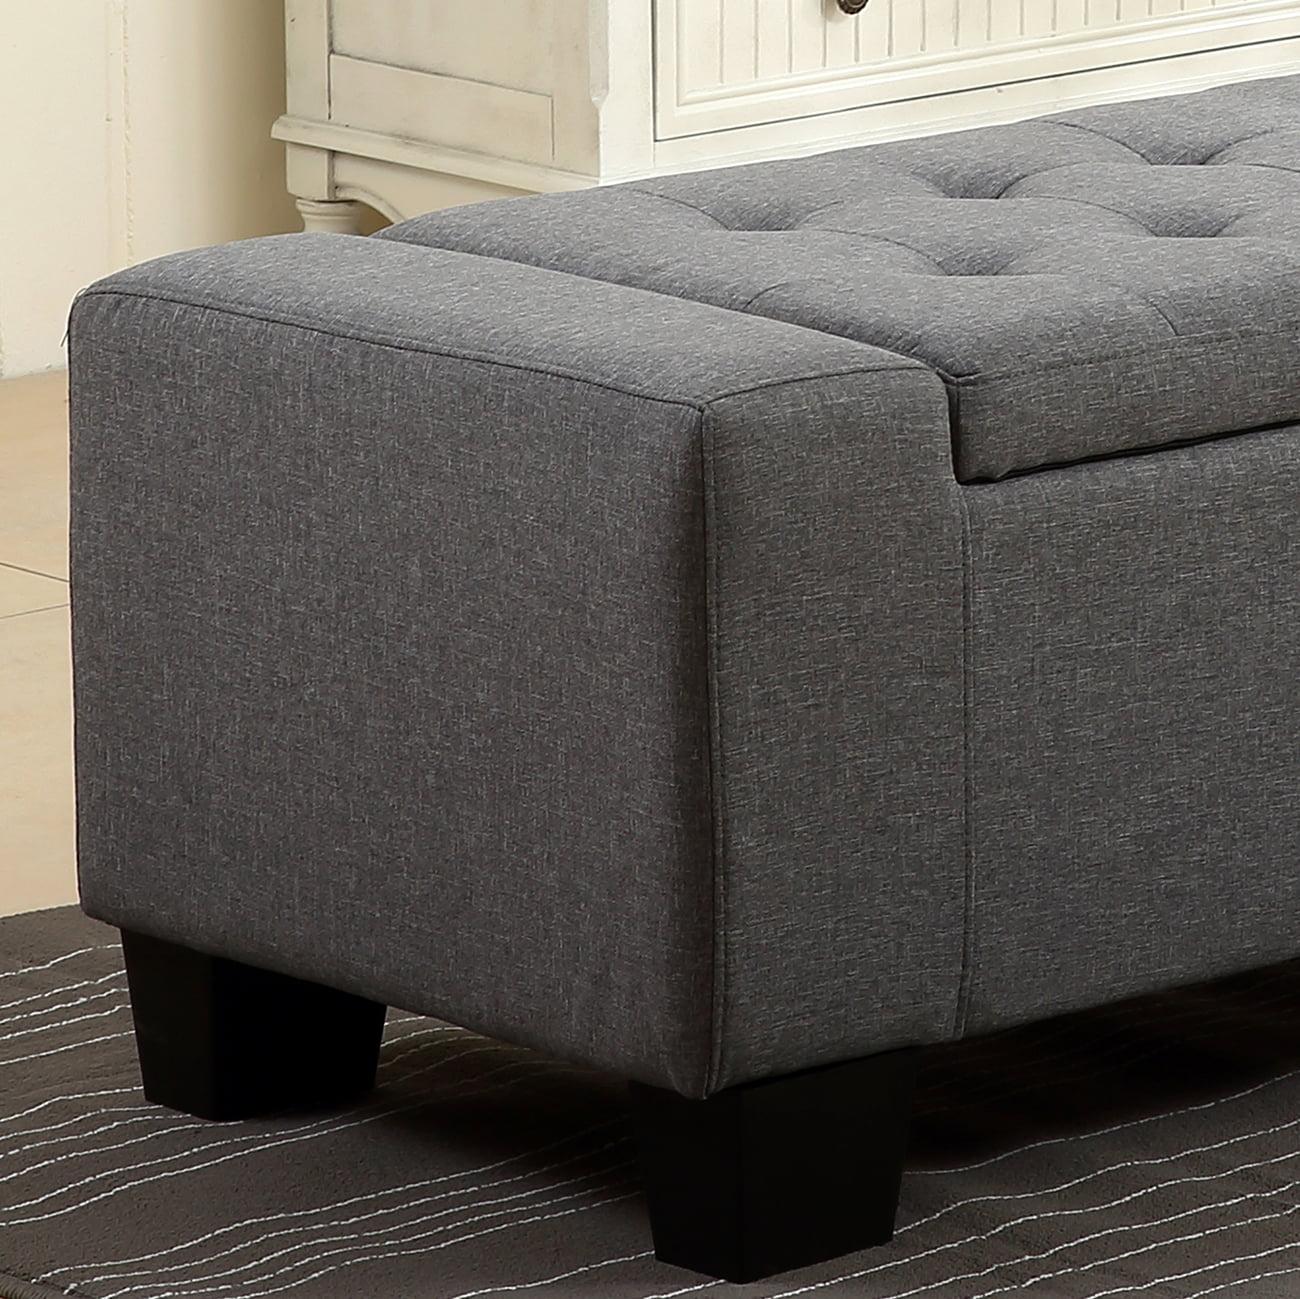 Pleasant Belleze 48 Rectangular Fabric Tufted Storage Ottoman Bench Uwap Interior Chair Design Uwaporg